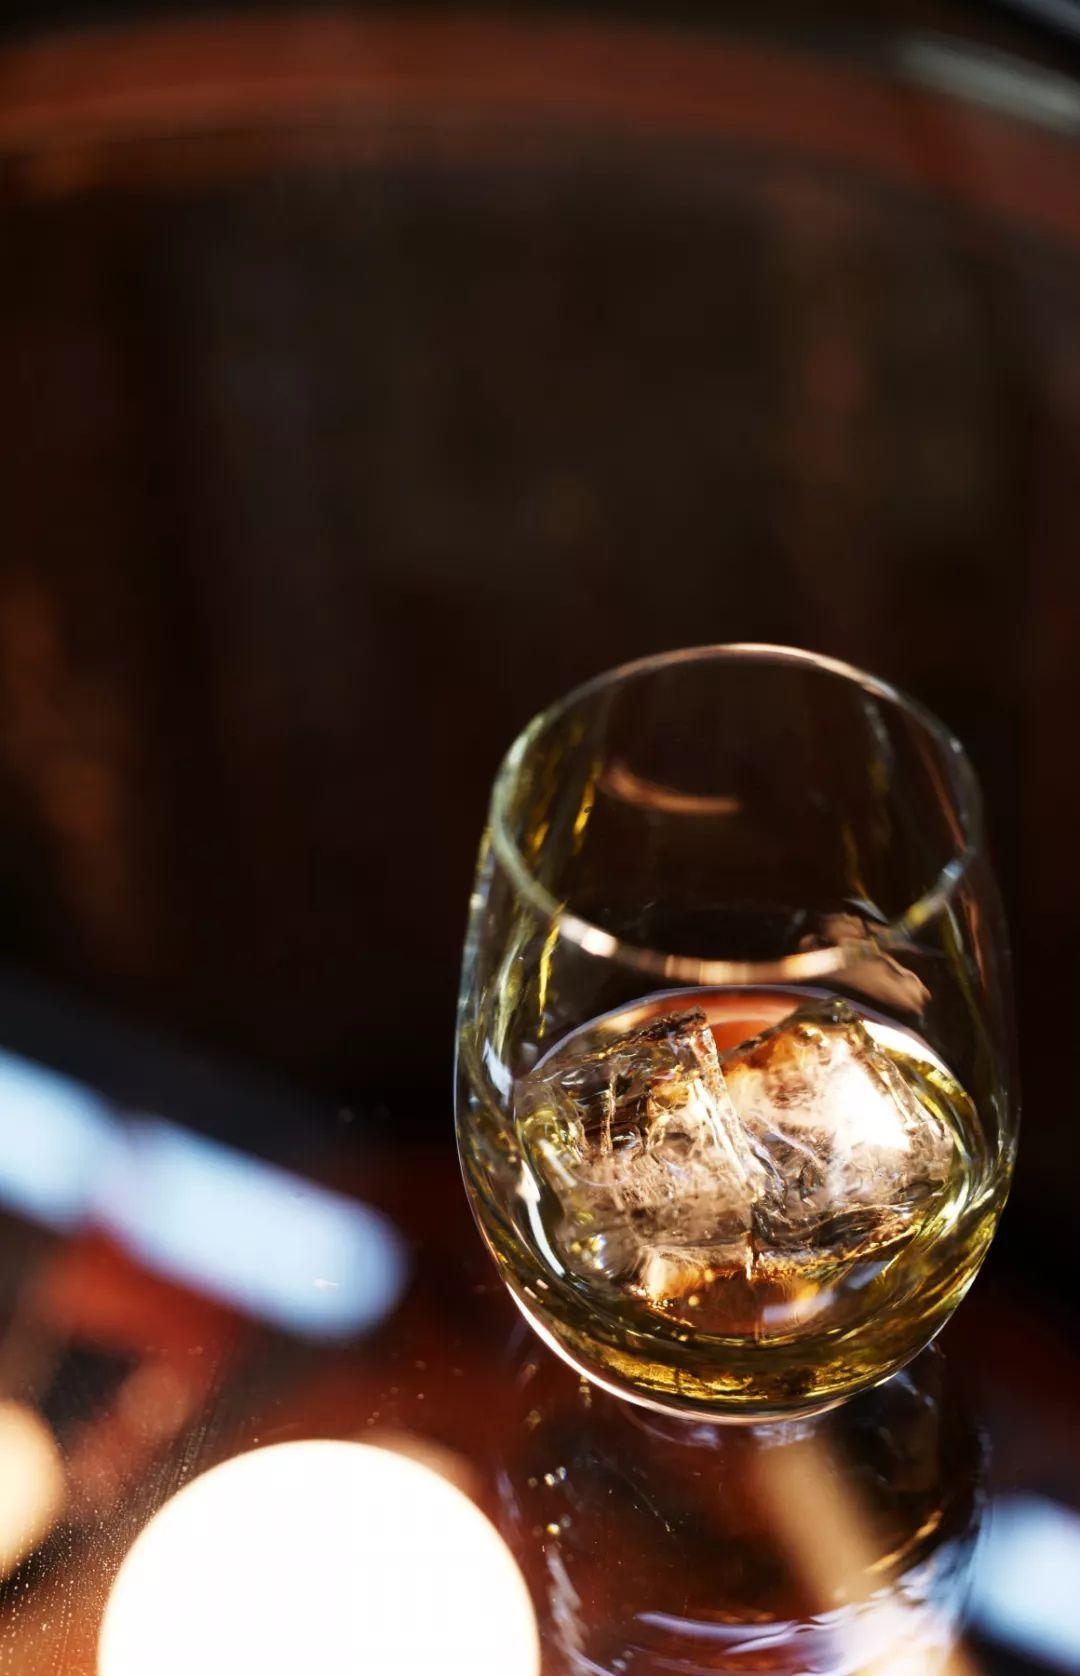 【乐闲】我们的语言是威士忌 巡访日本四大威士忌蒸馏厂